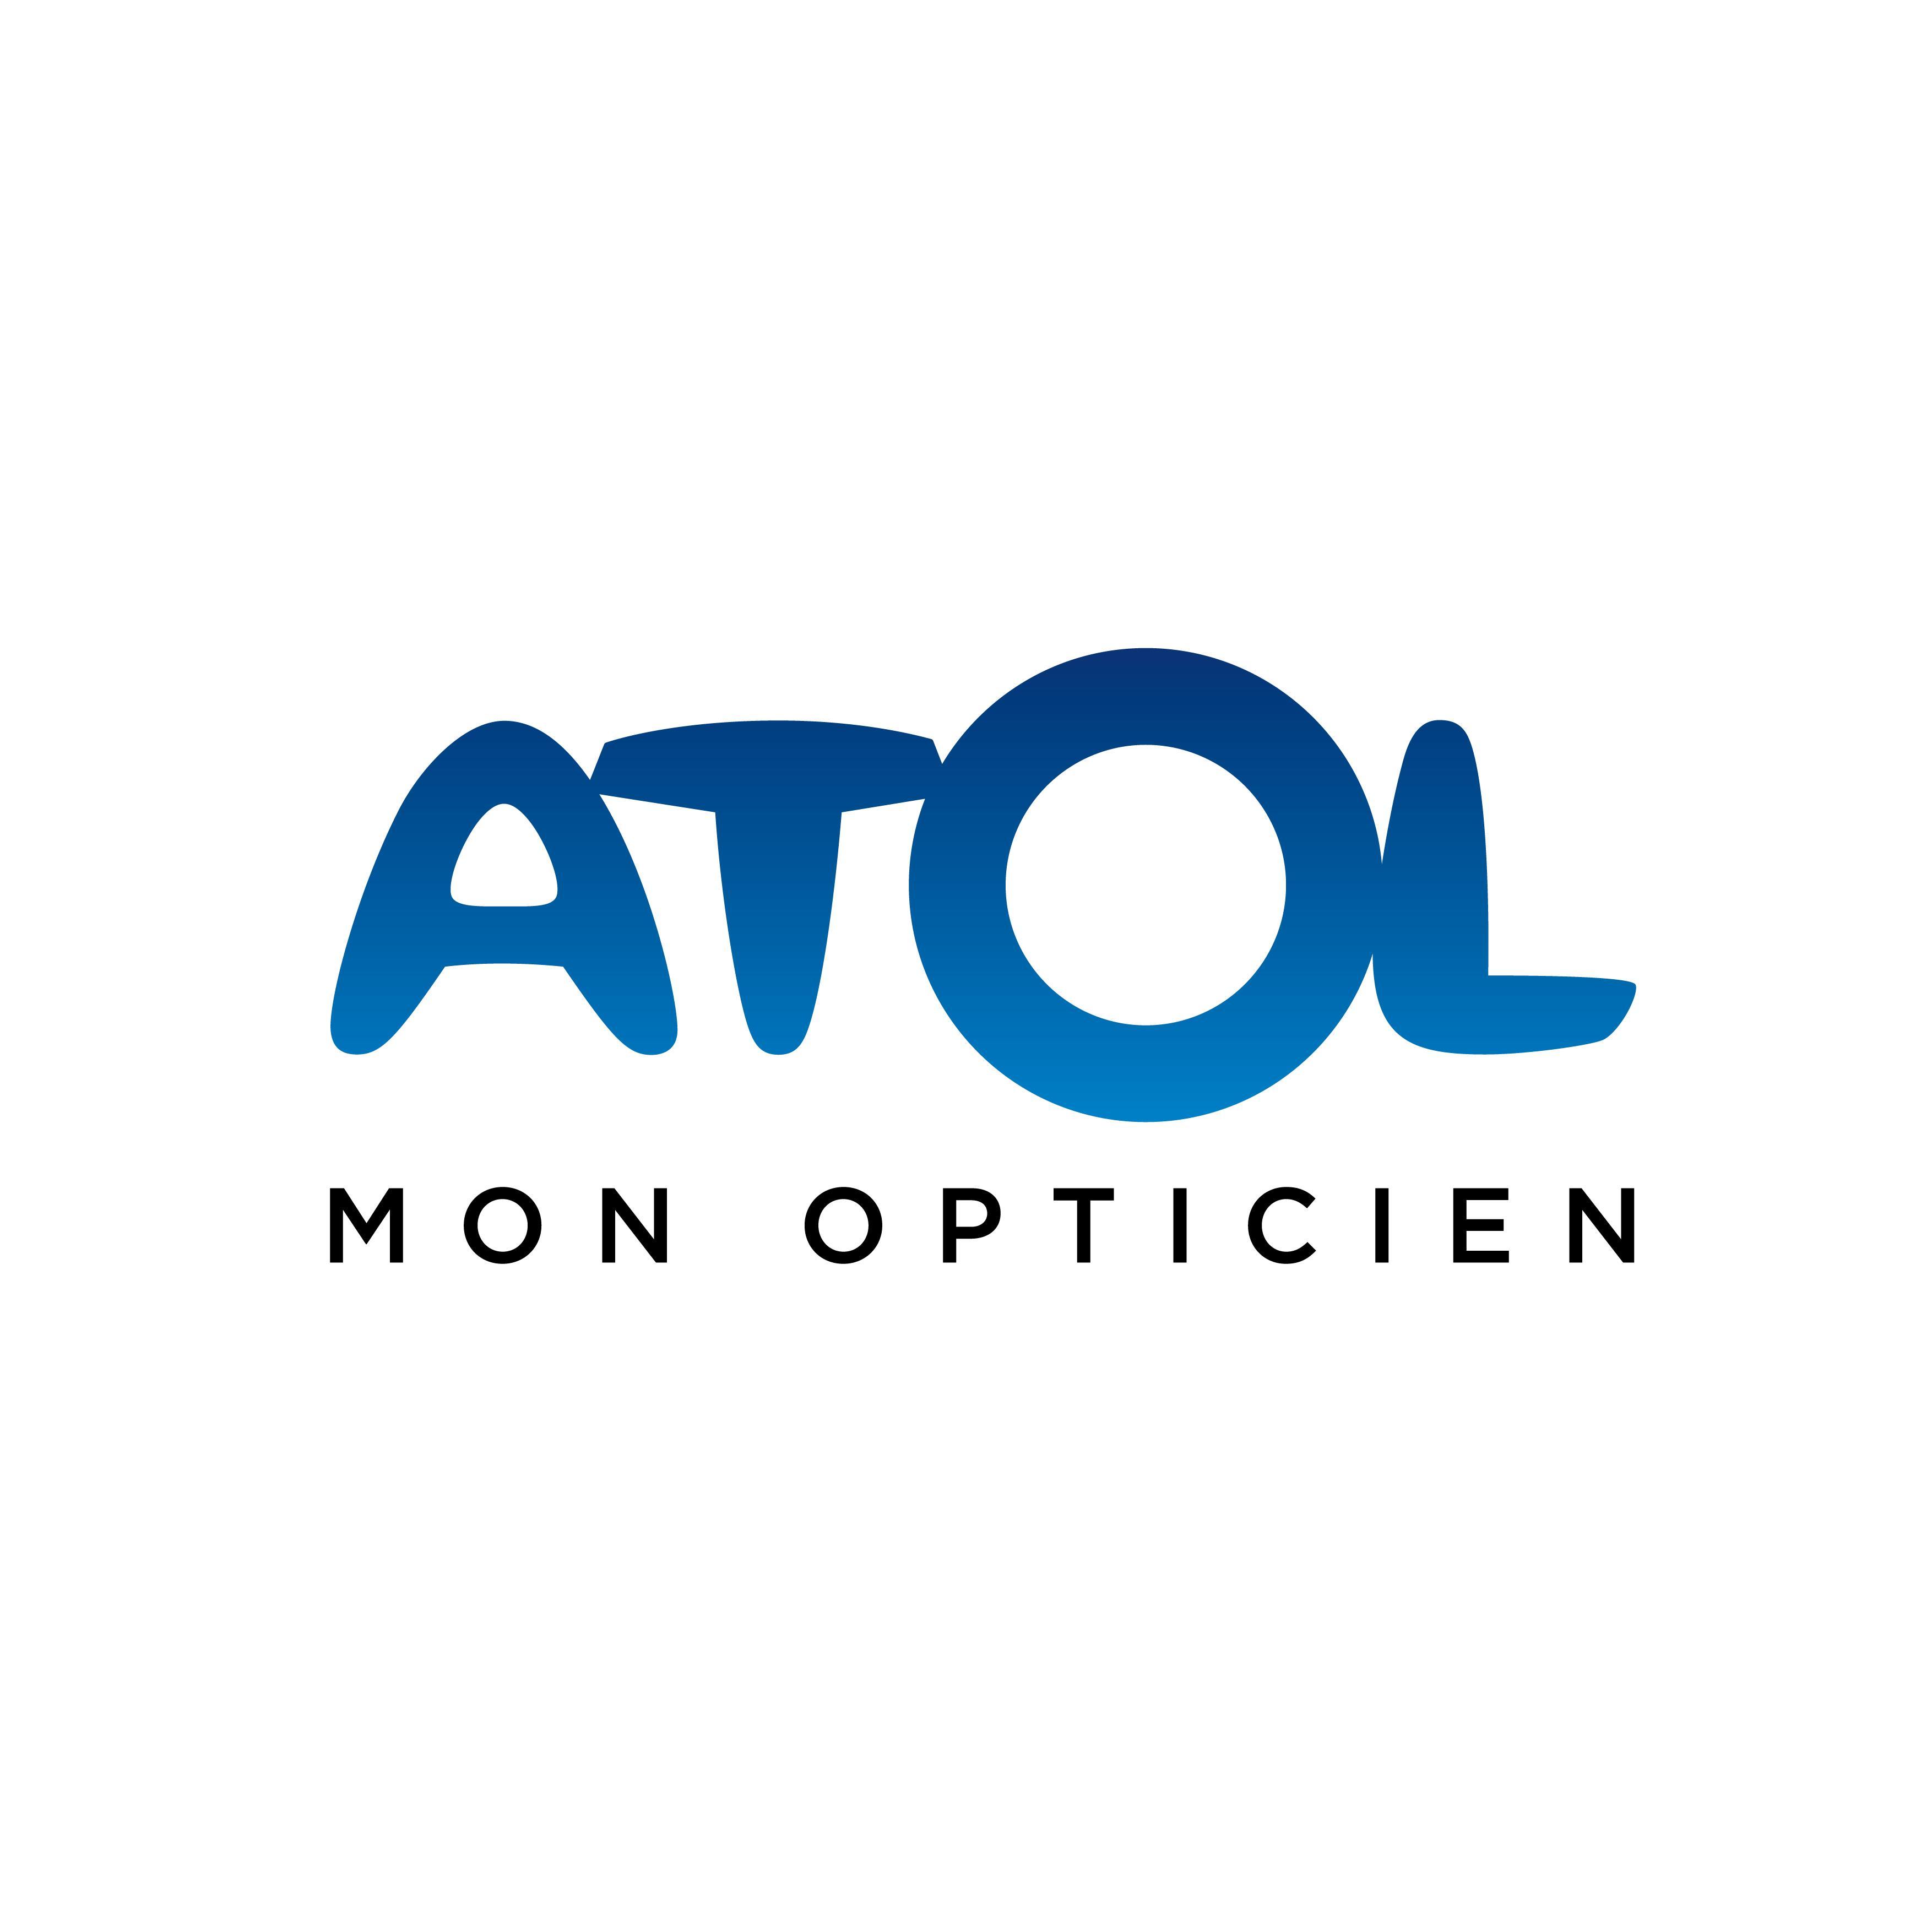 Atol Mon Opticien Chantilly